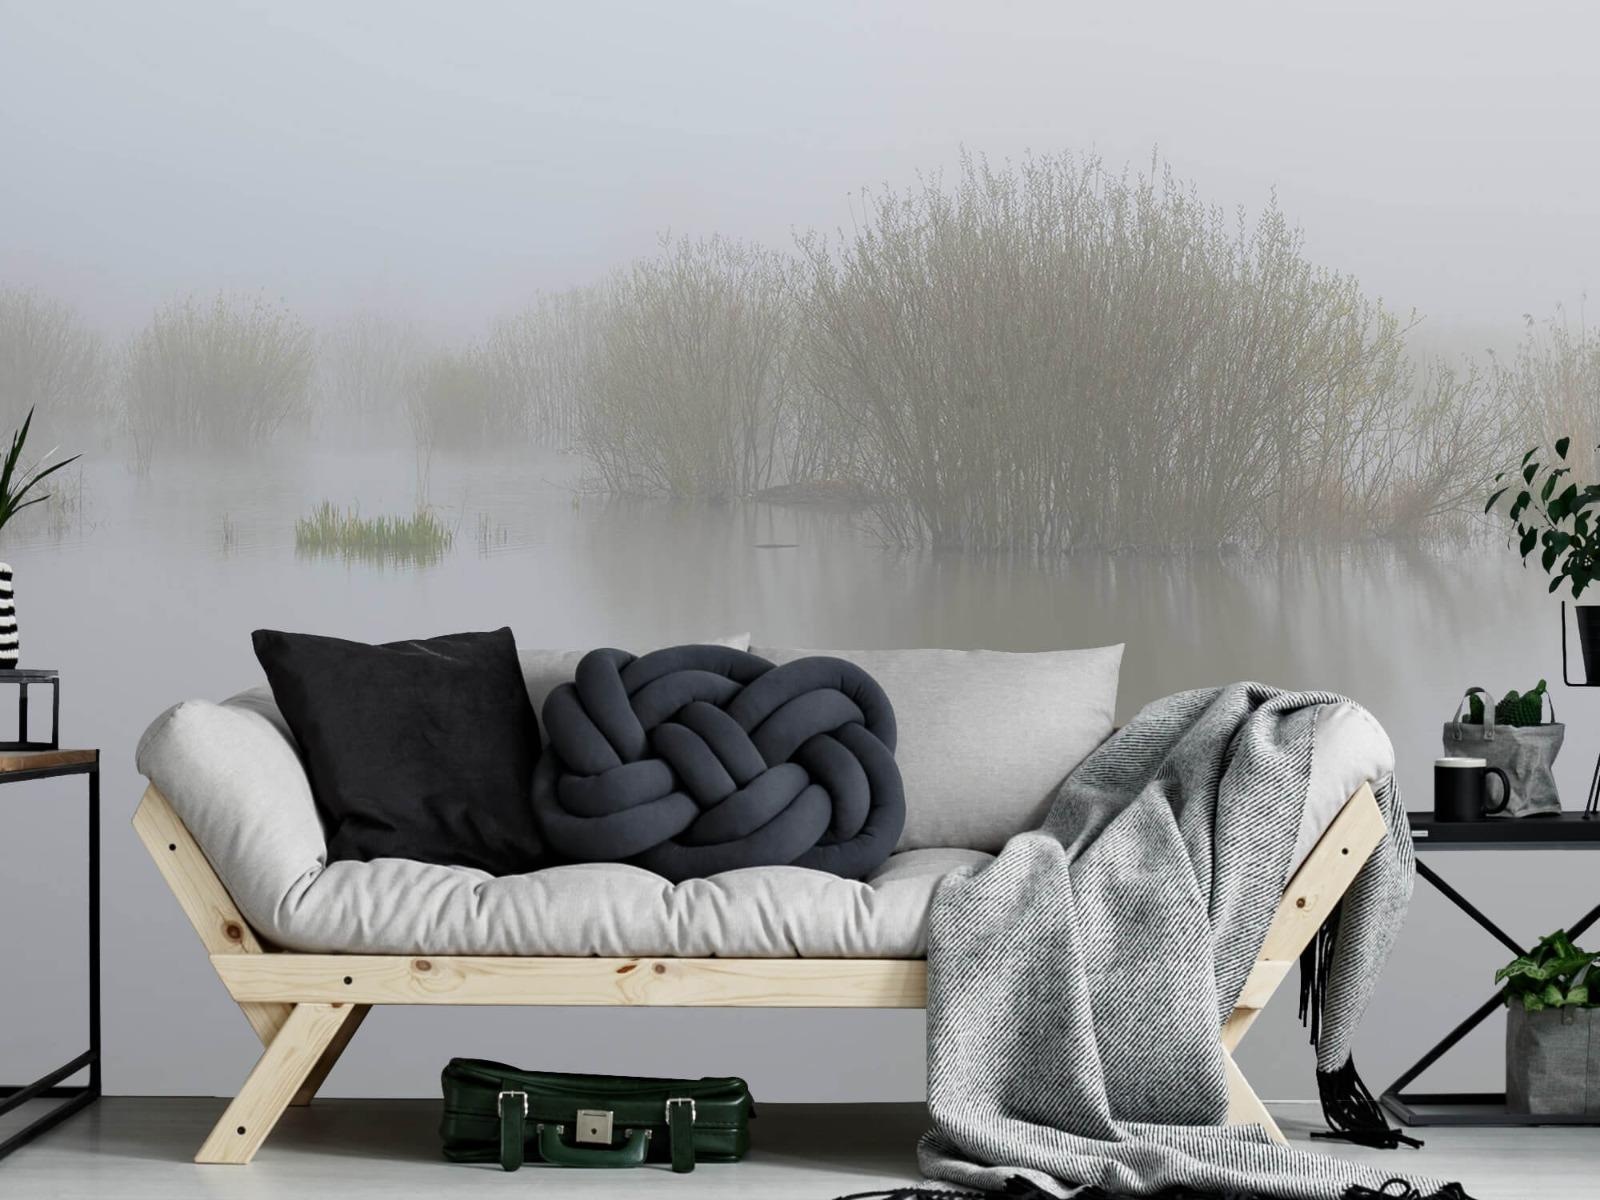 Landschap - Mist in natuurgebied - Slaapkamer 7